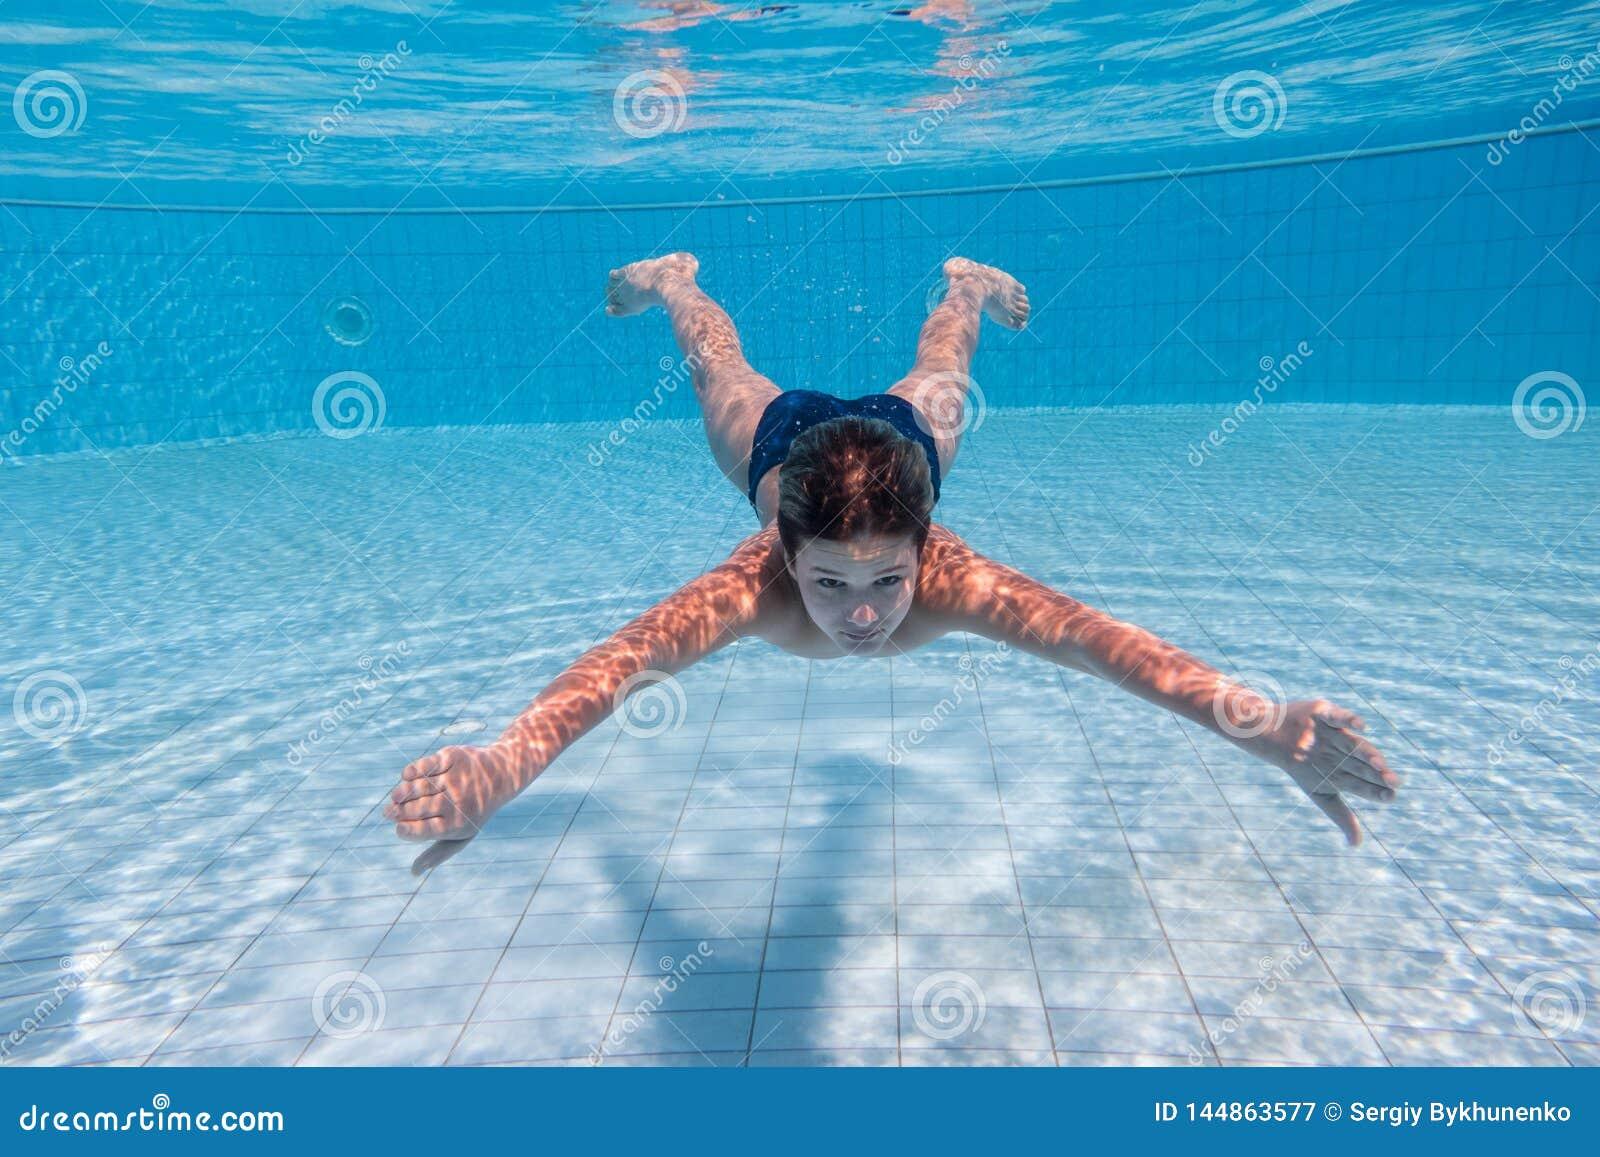 Jungentauchen im Swimmingpool